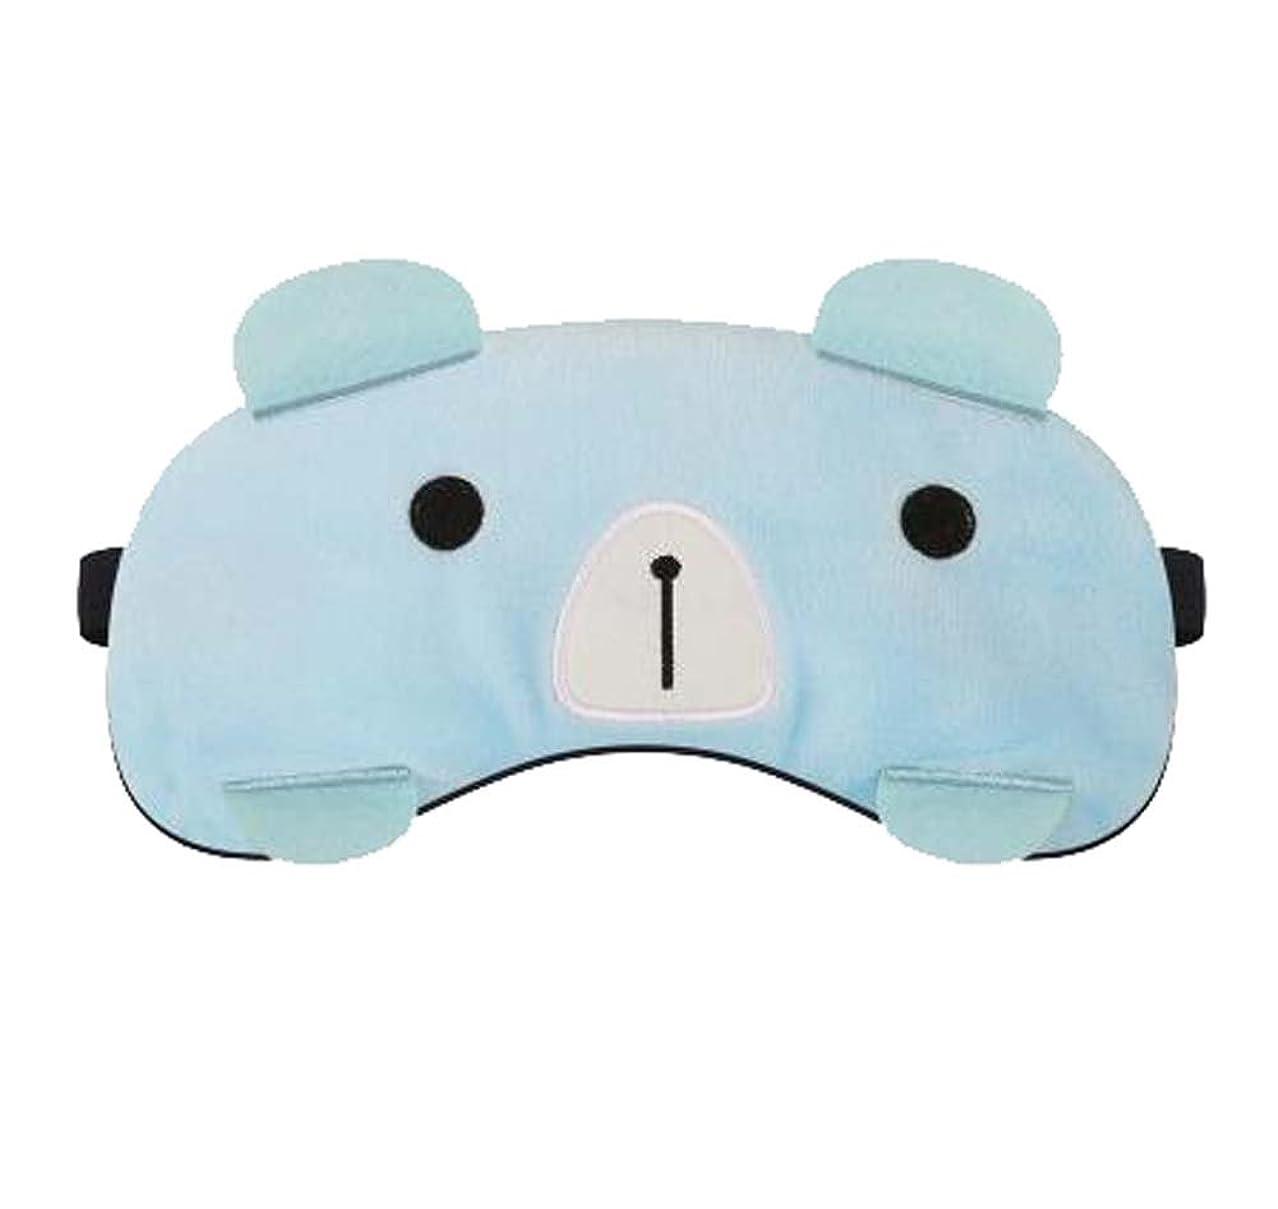 かわいい睡眠マスクアイマスク - セラピー不眠症 - 男性、女性、女の子、子供、D